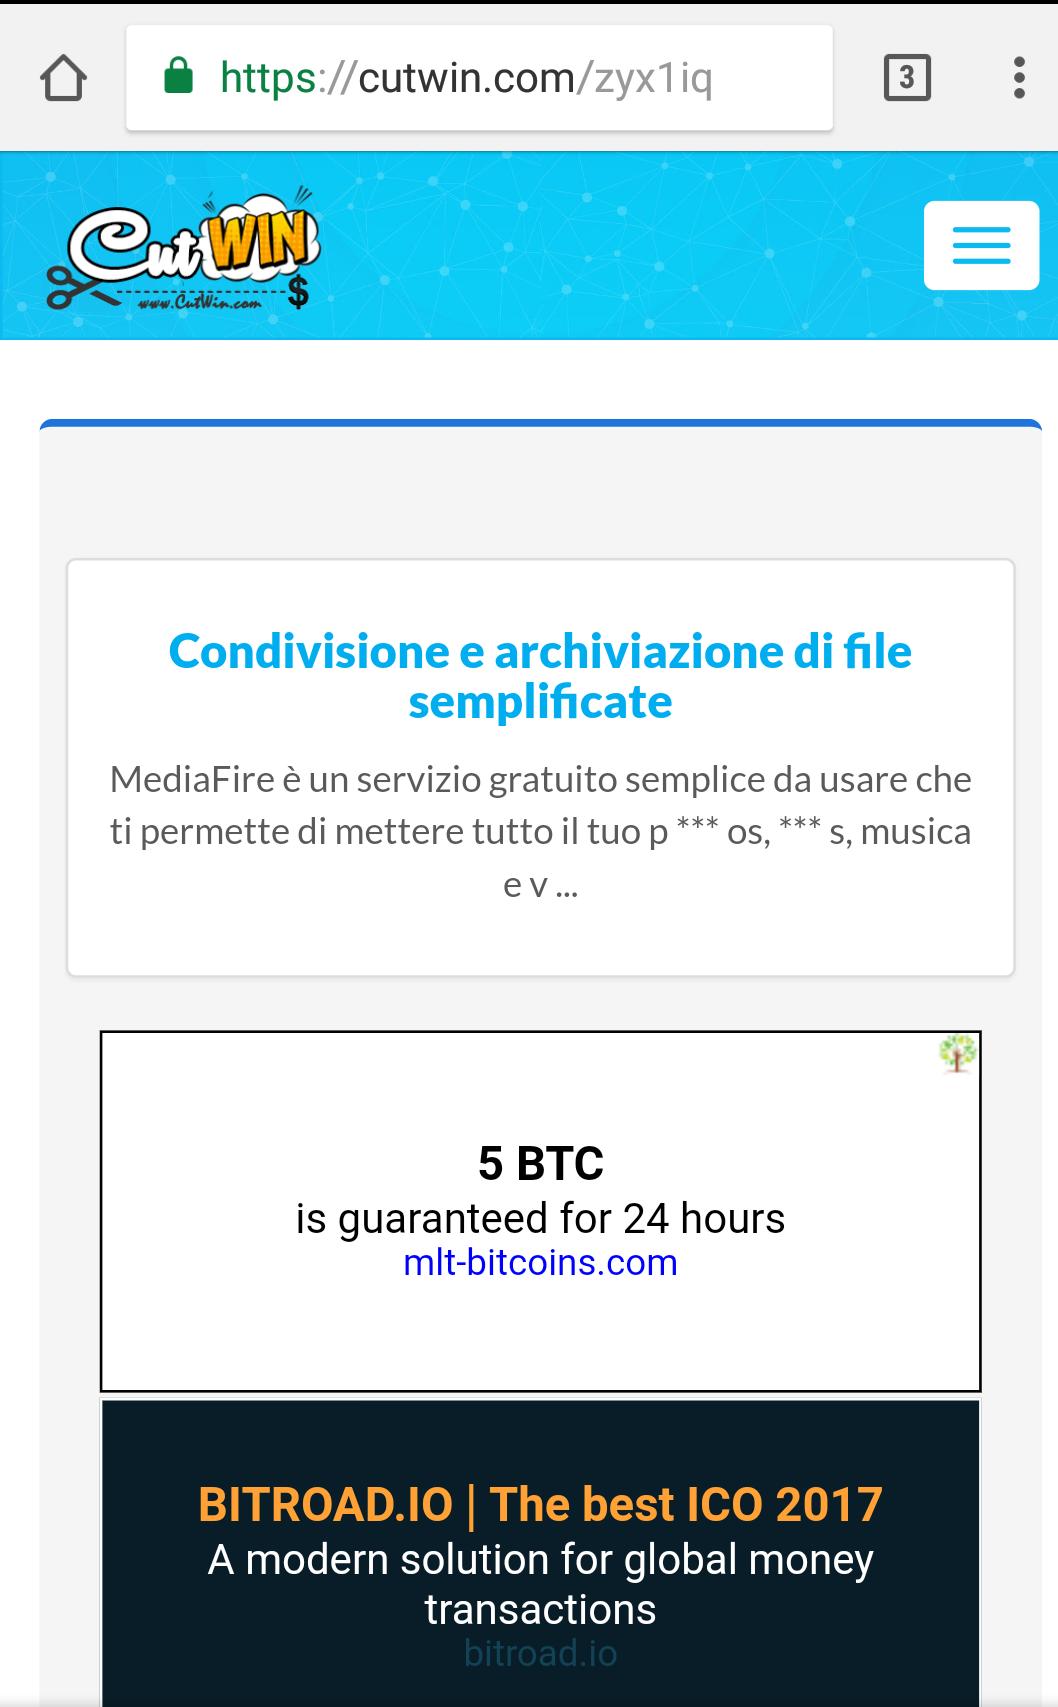 Cutwin.com